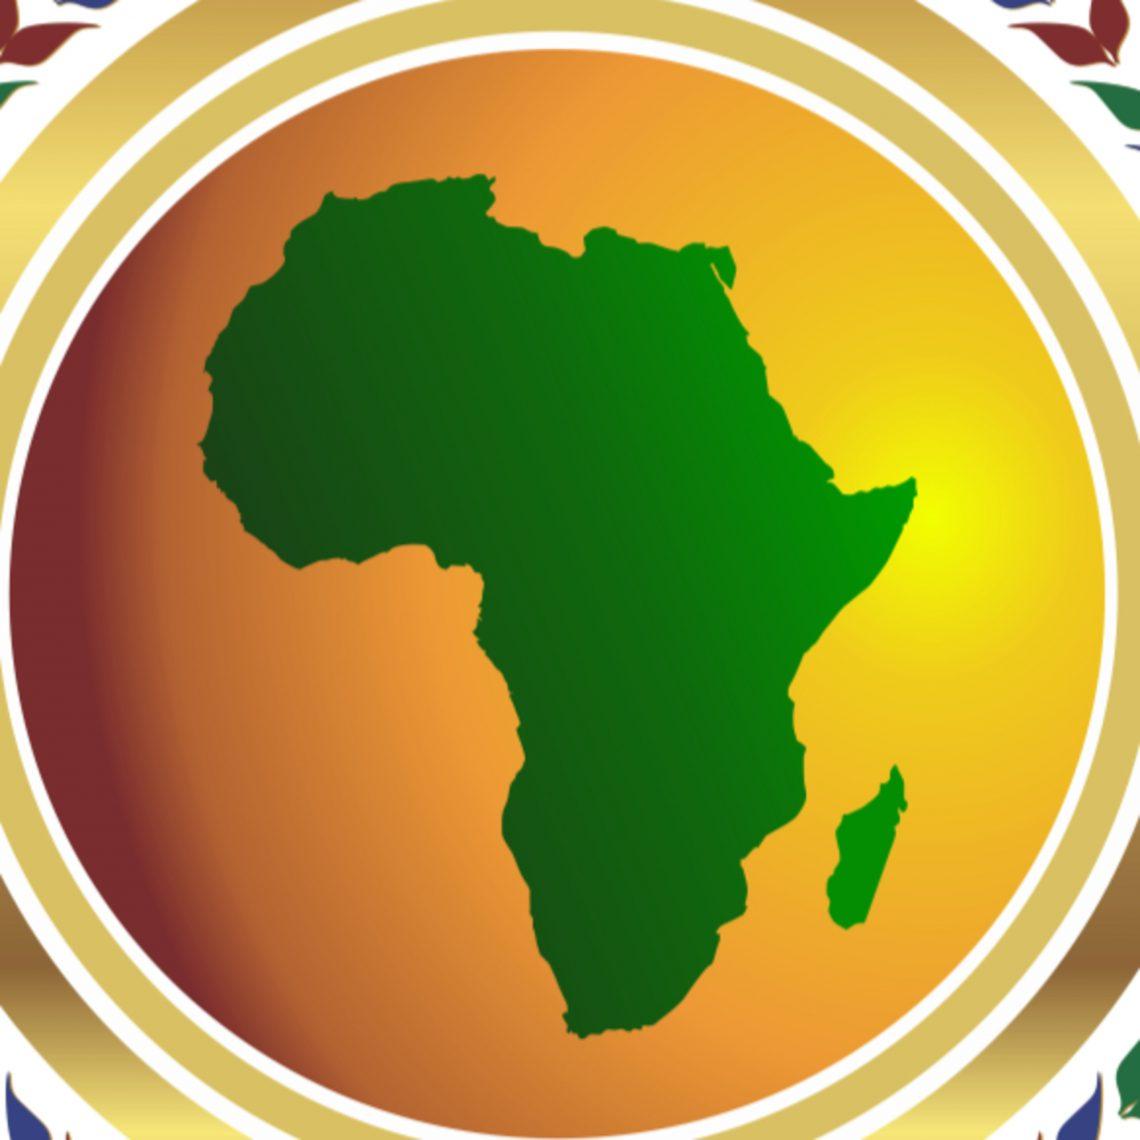 Ulo akwukwo njem nleta nke abuo nke Afrika mepere